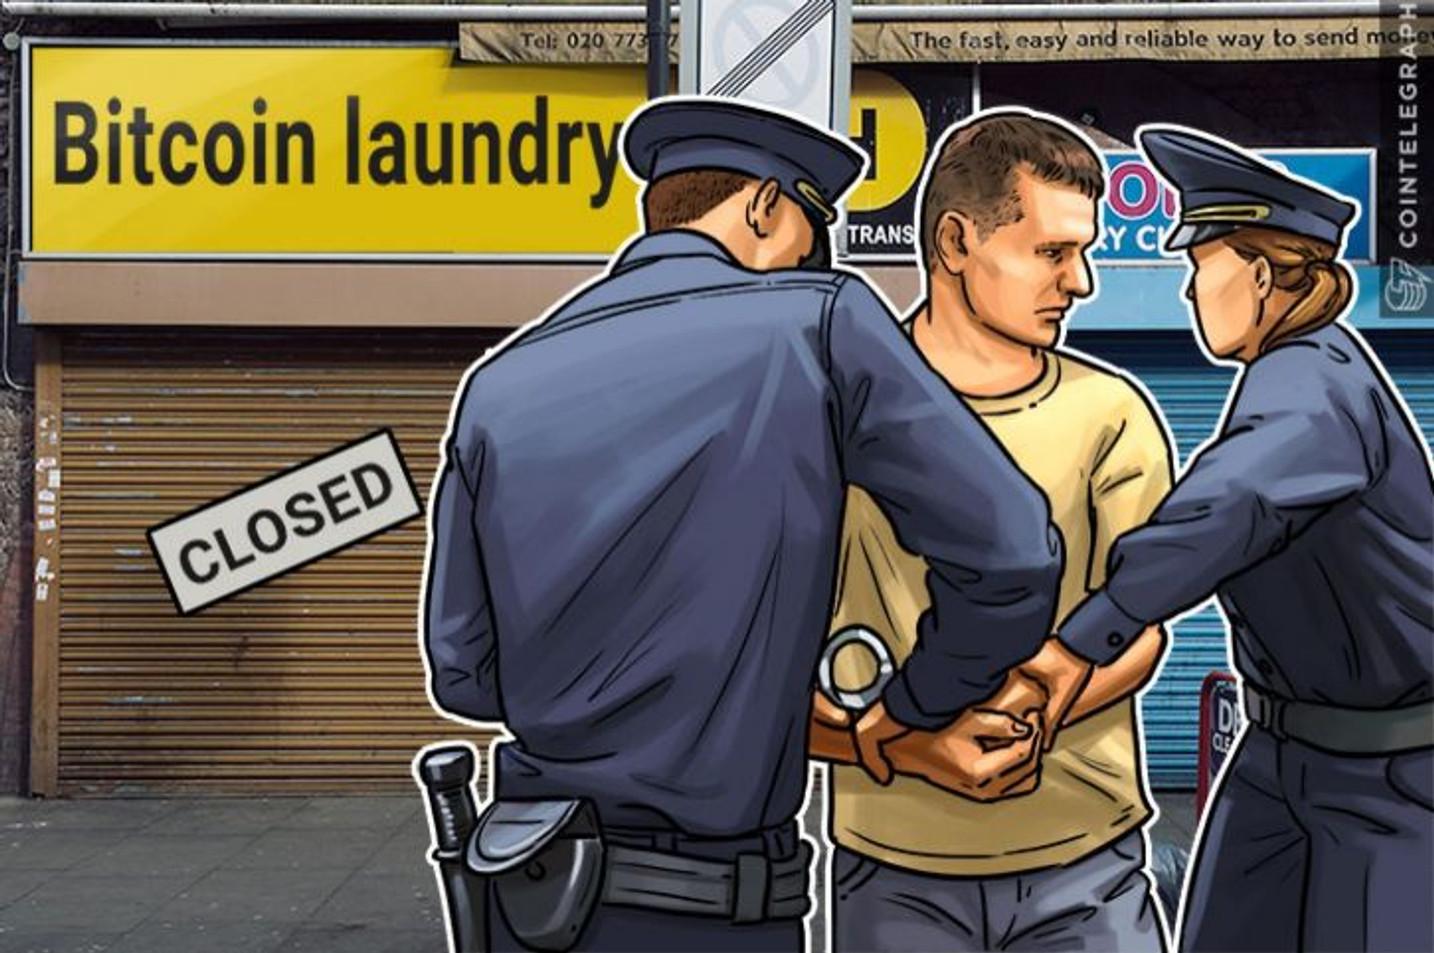 Ruske vlasti uhapsile trojicu muškaraca zbog nezakonite prodaje bitkoina